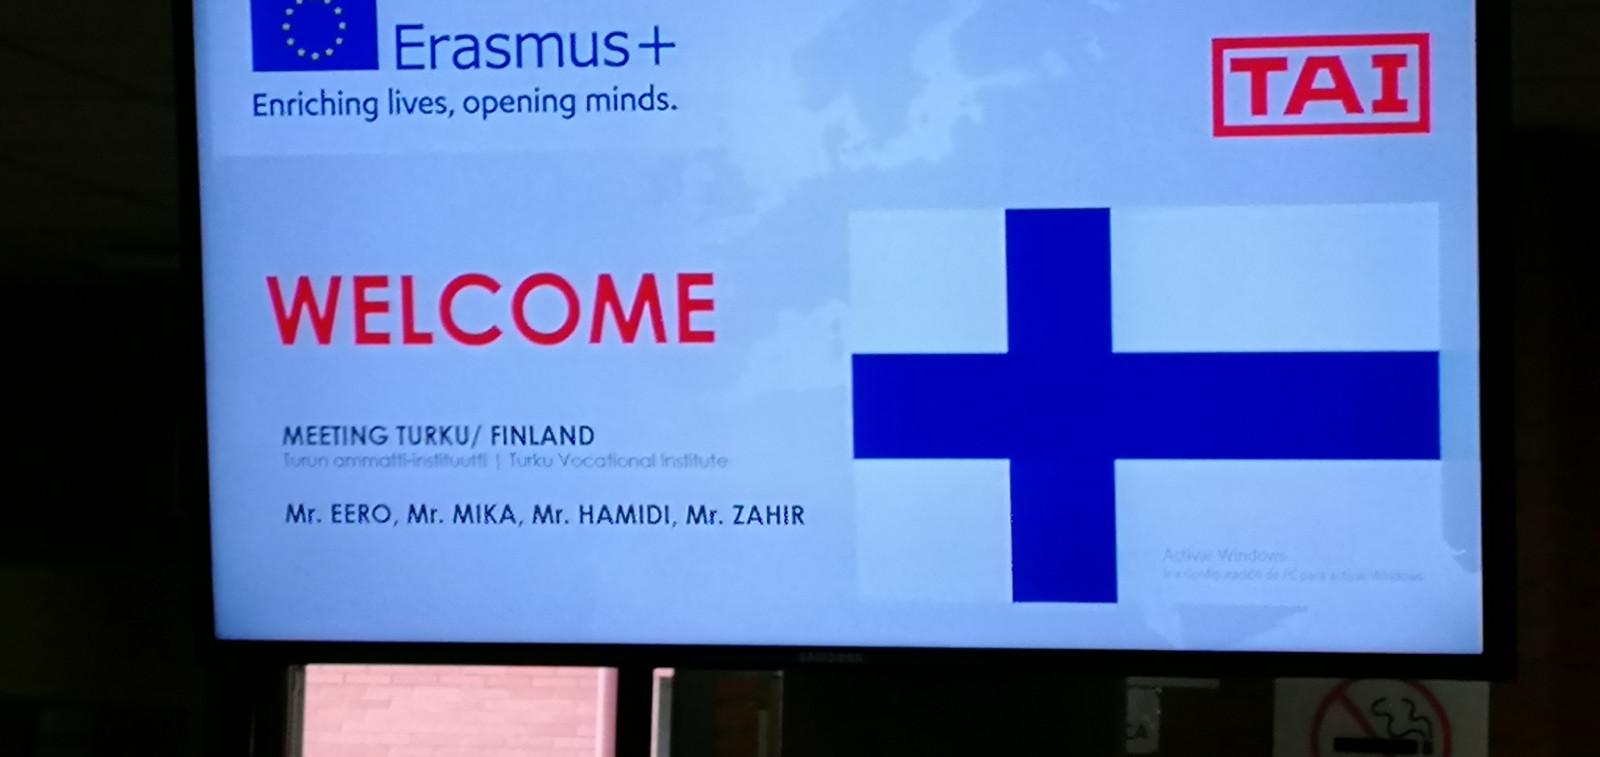 Digitaalinen infotaulu toivottaa suomalaiset opettajat ja opiskelijat tervetulleiksi